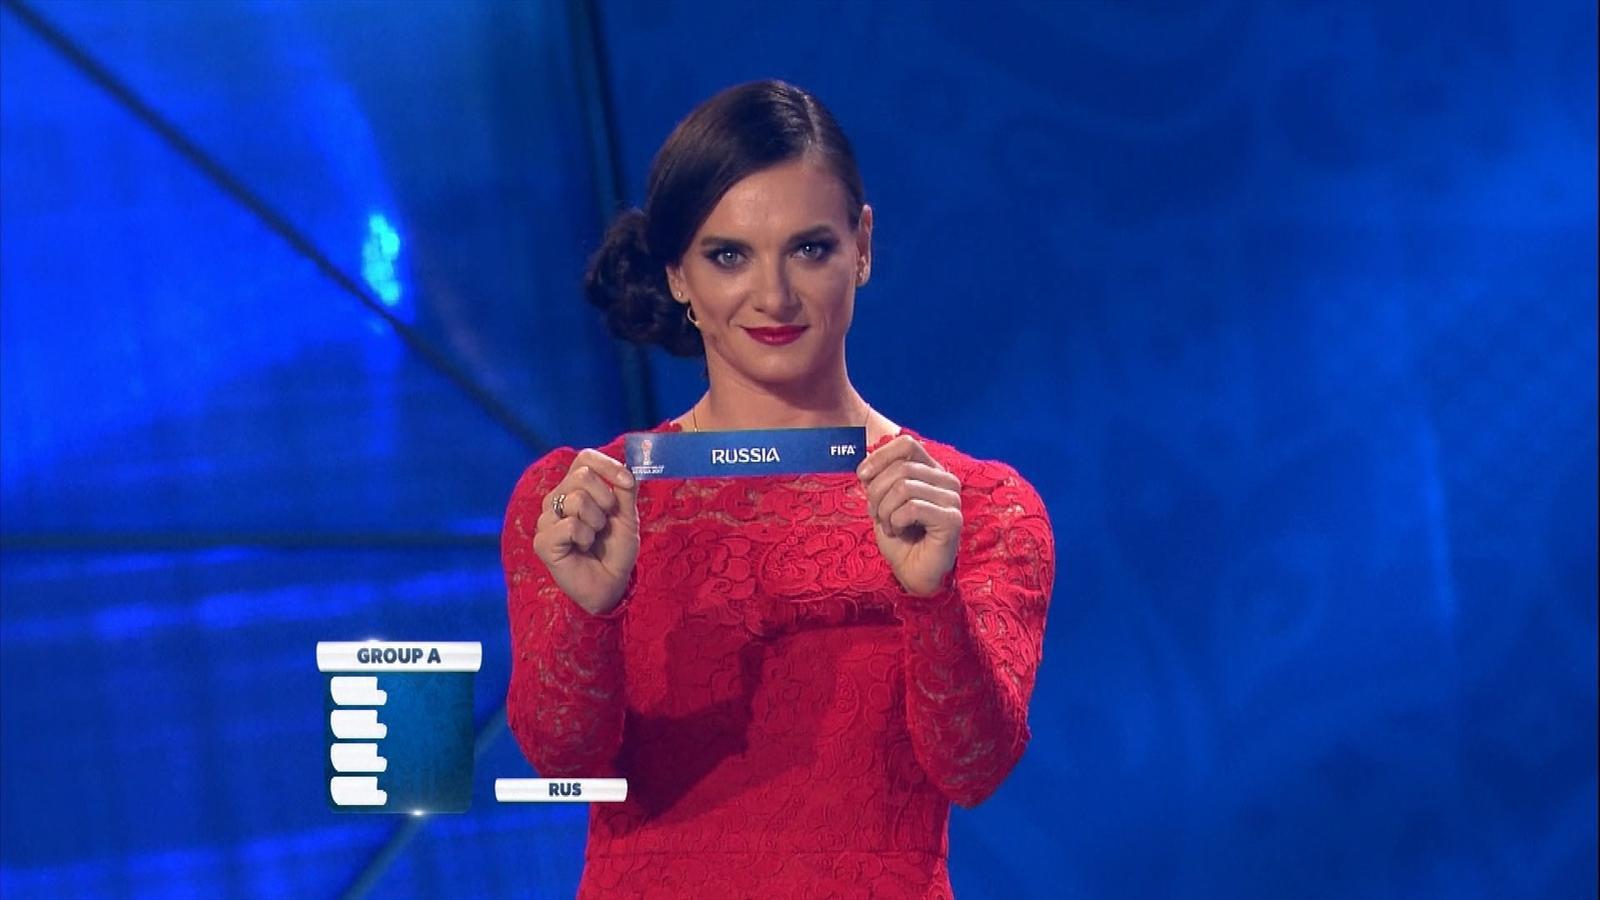 D nde televisan el sorteo del mundial 2018 de rusia hoy for Televisan el madrid hoy